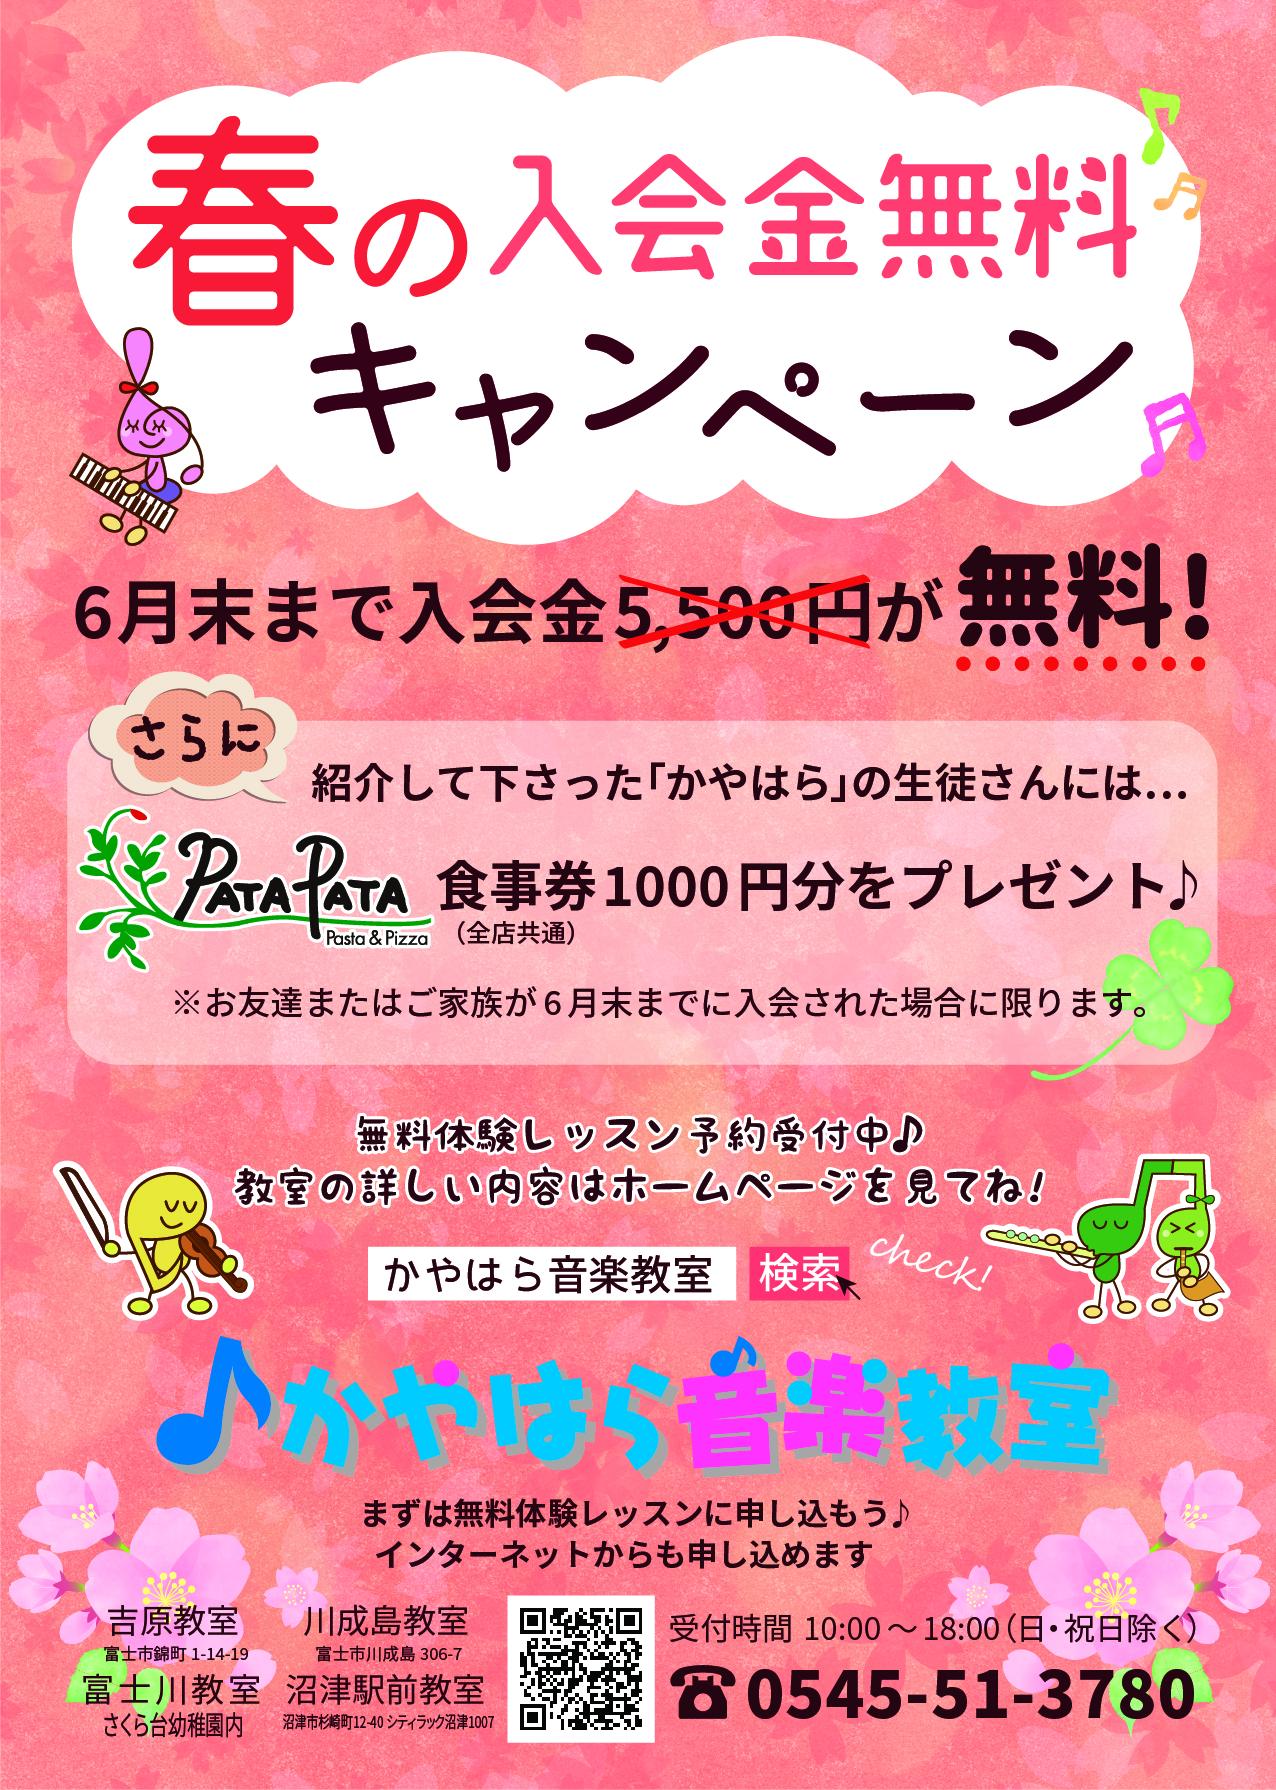 春の入会金無料キャンペーン延長のお知らせ